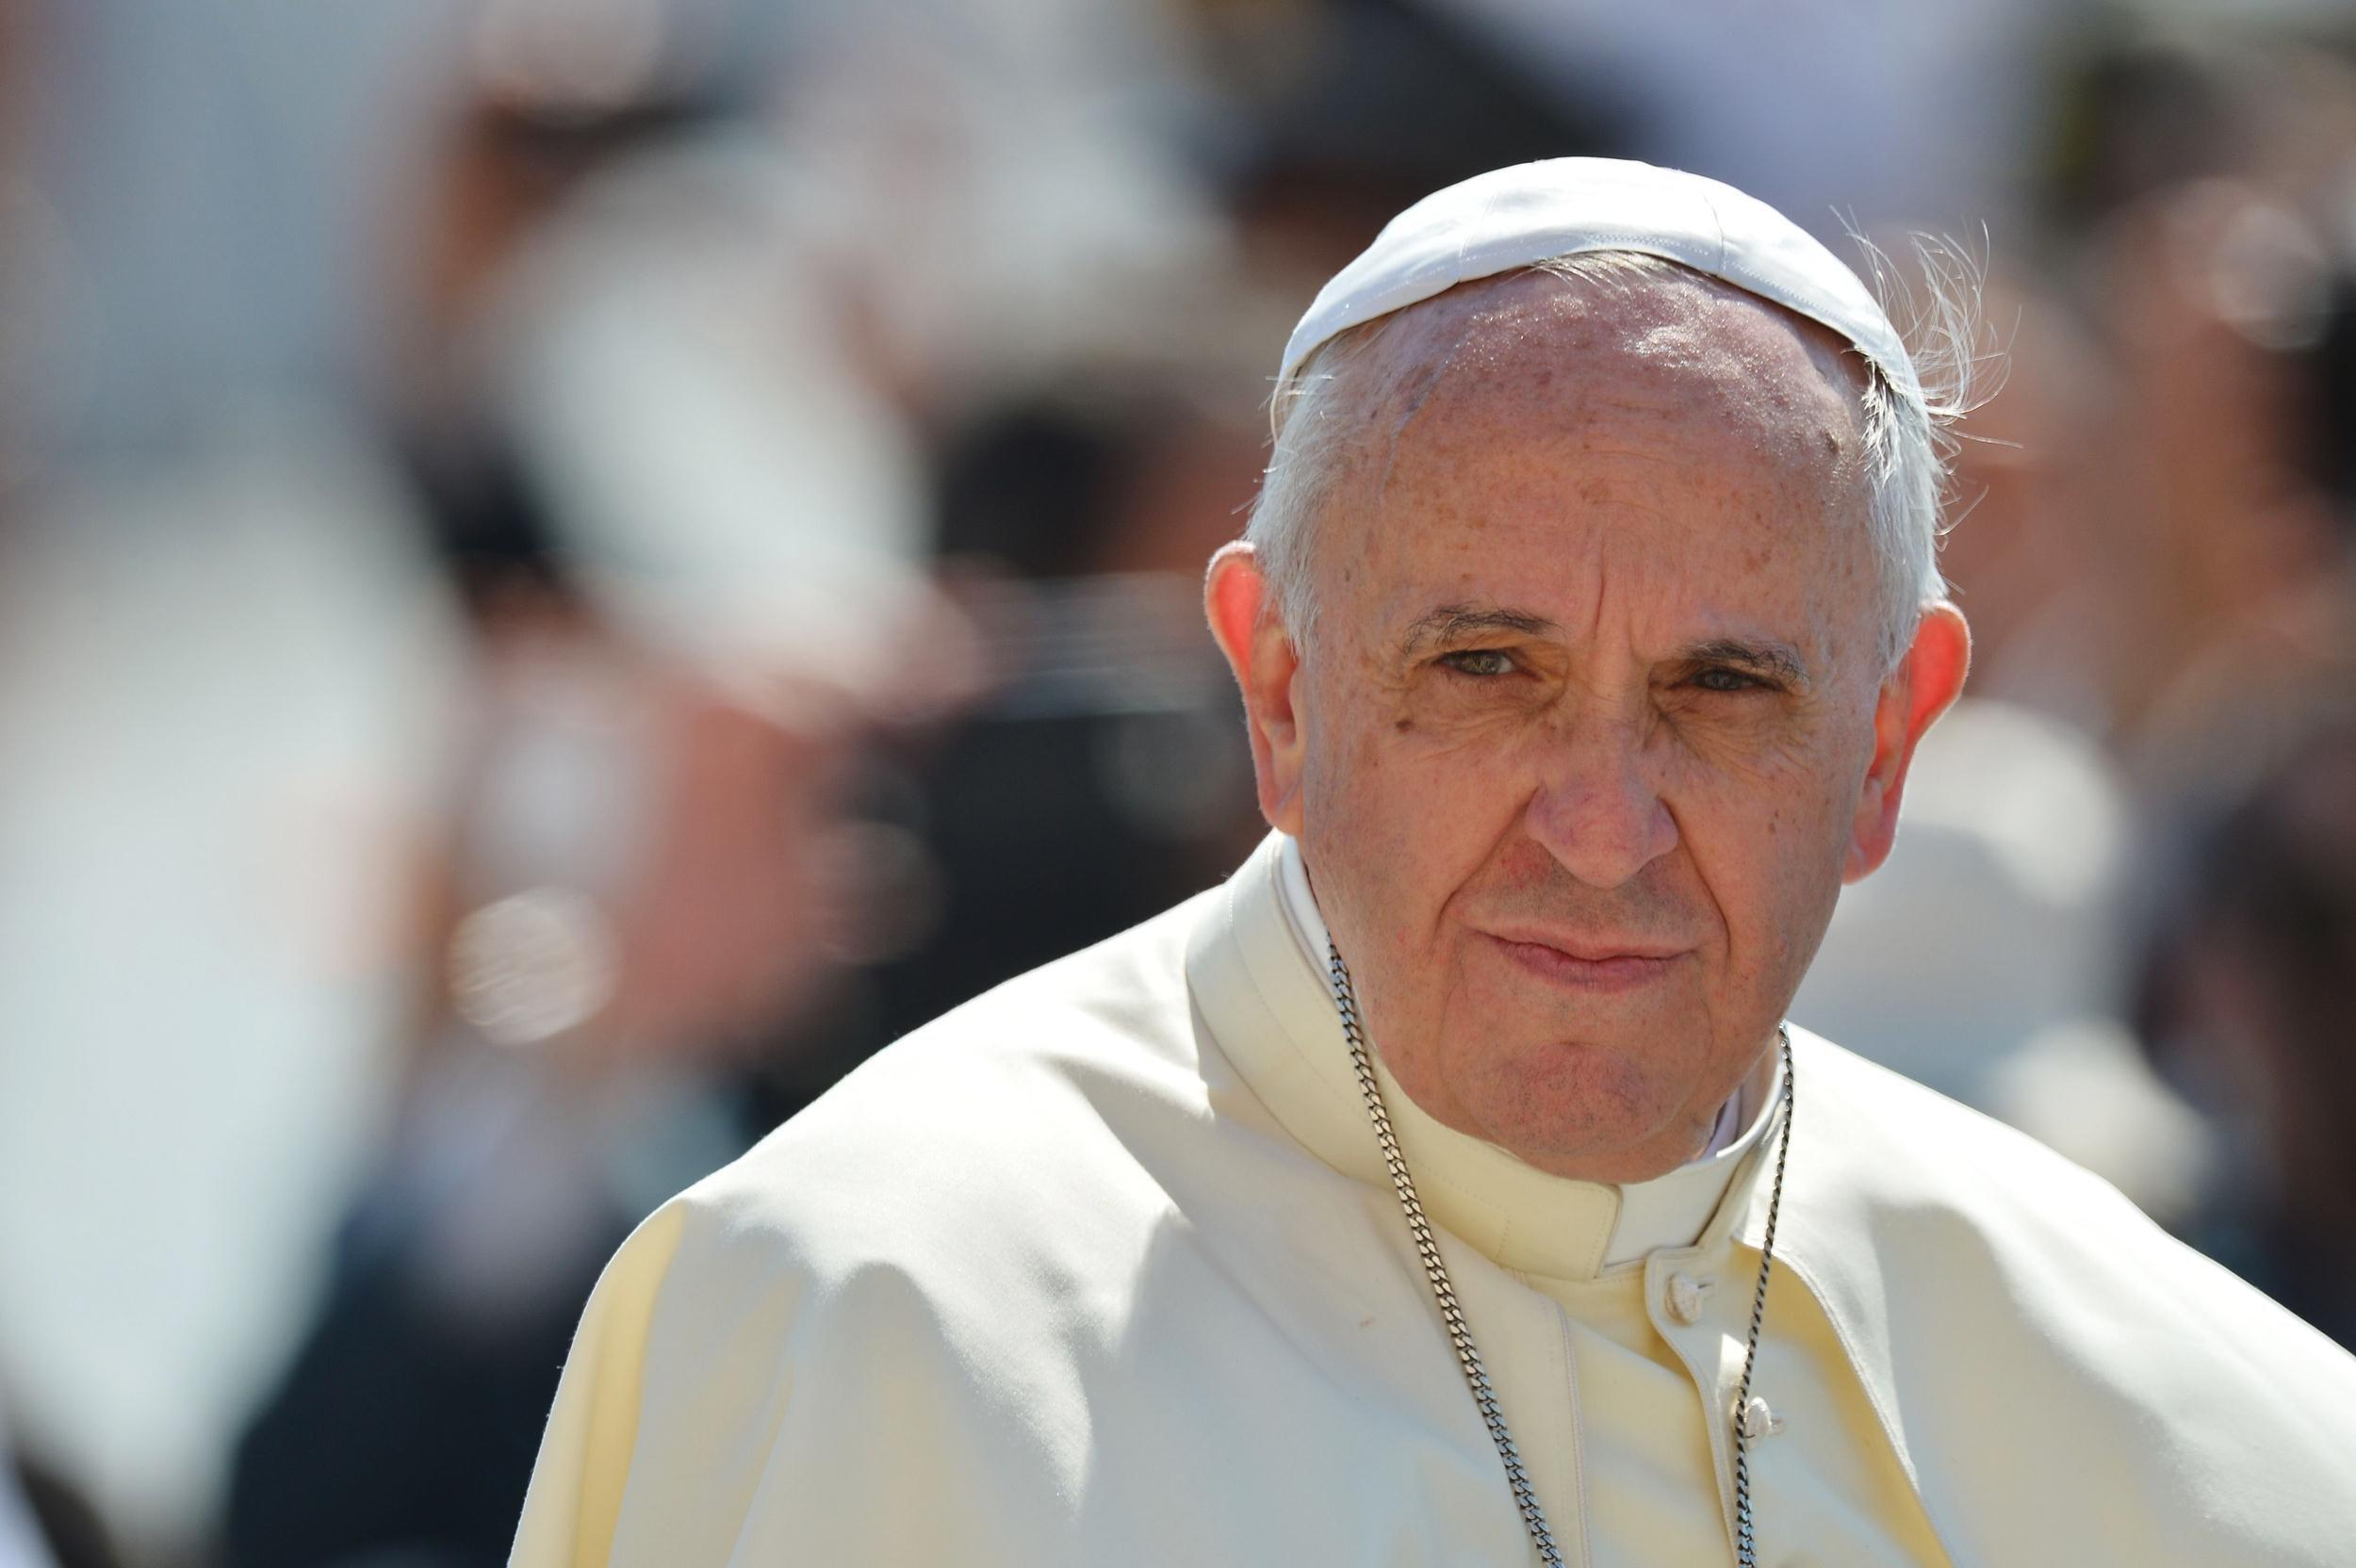 Папа Римский посетил пристанище бывших проституток